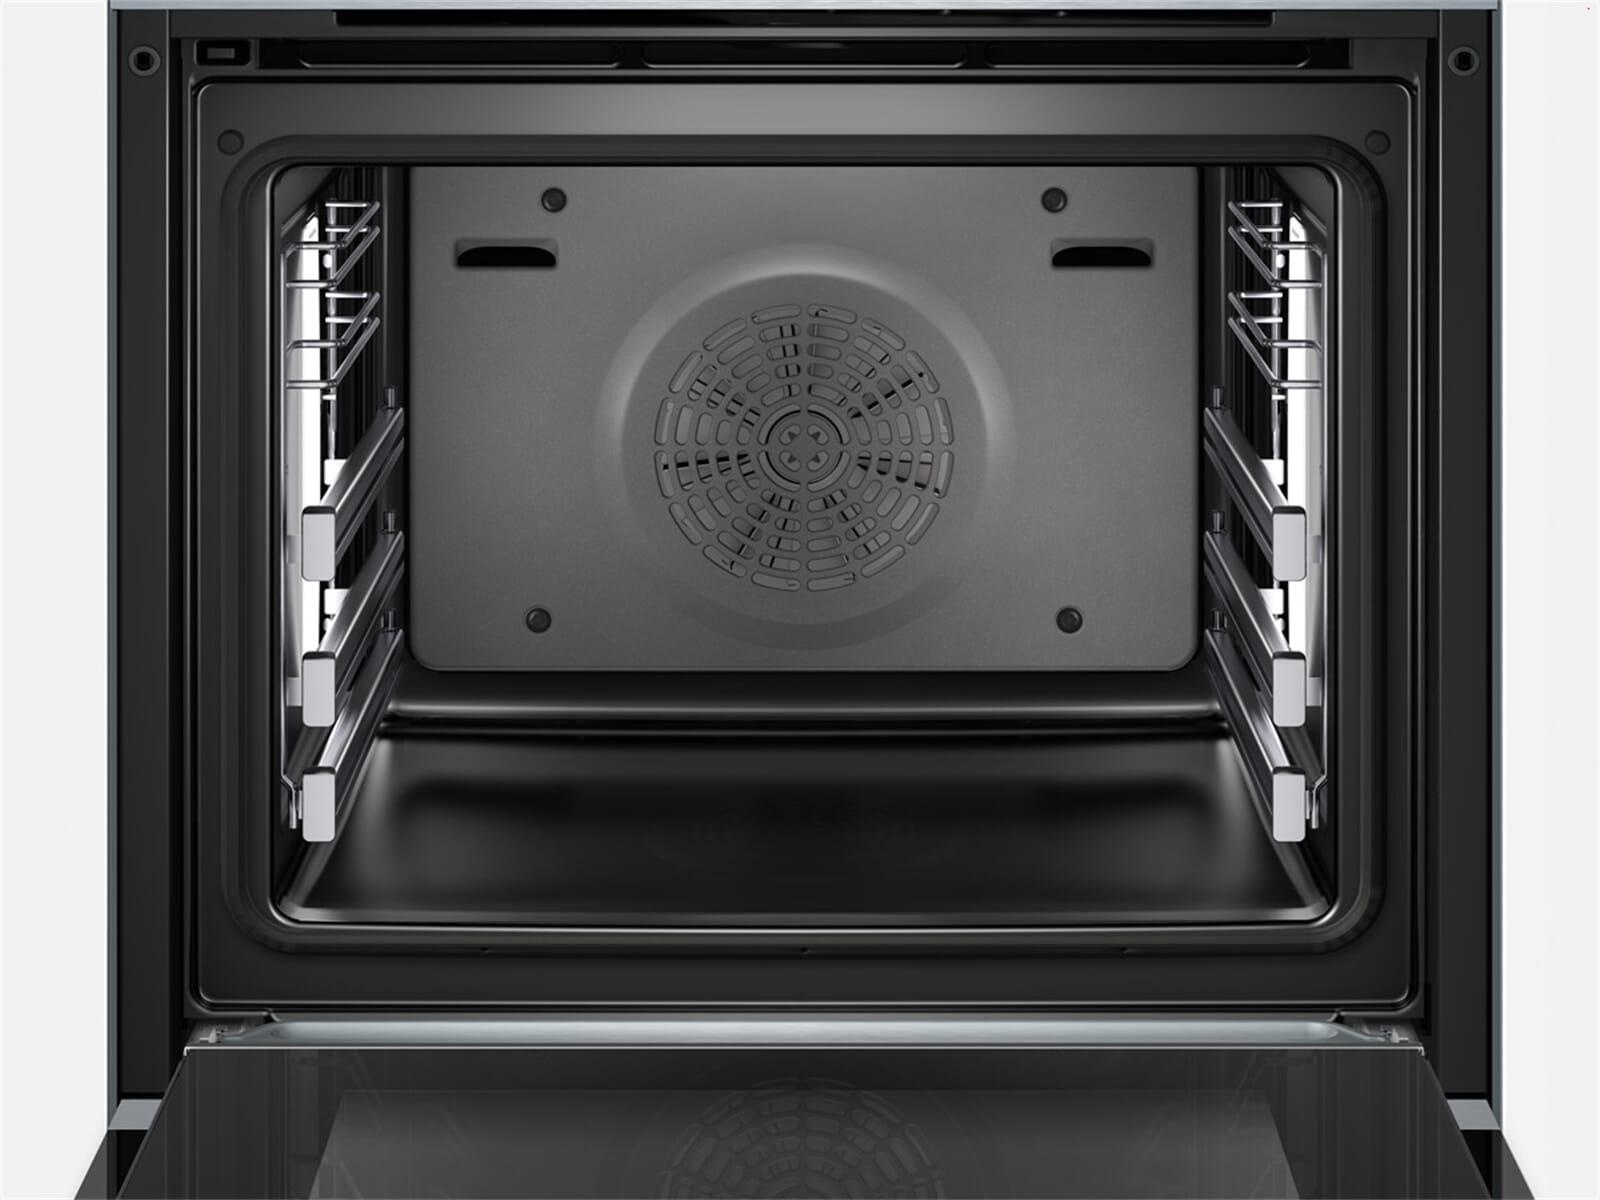 Bosch Kühlschrank Piept : Bosch hsg xs dampfgar backofen edelstahl